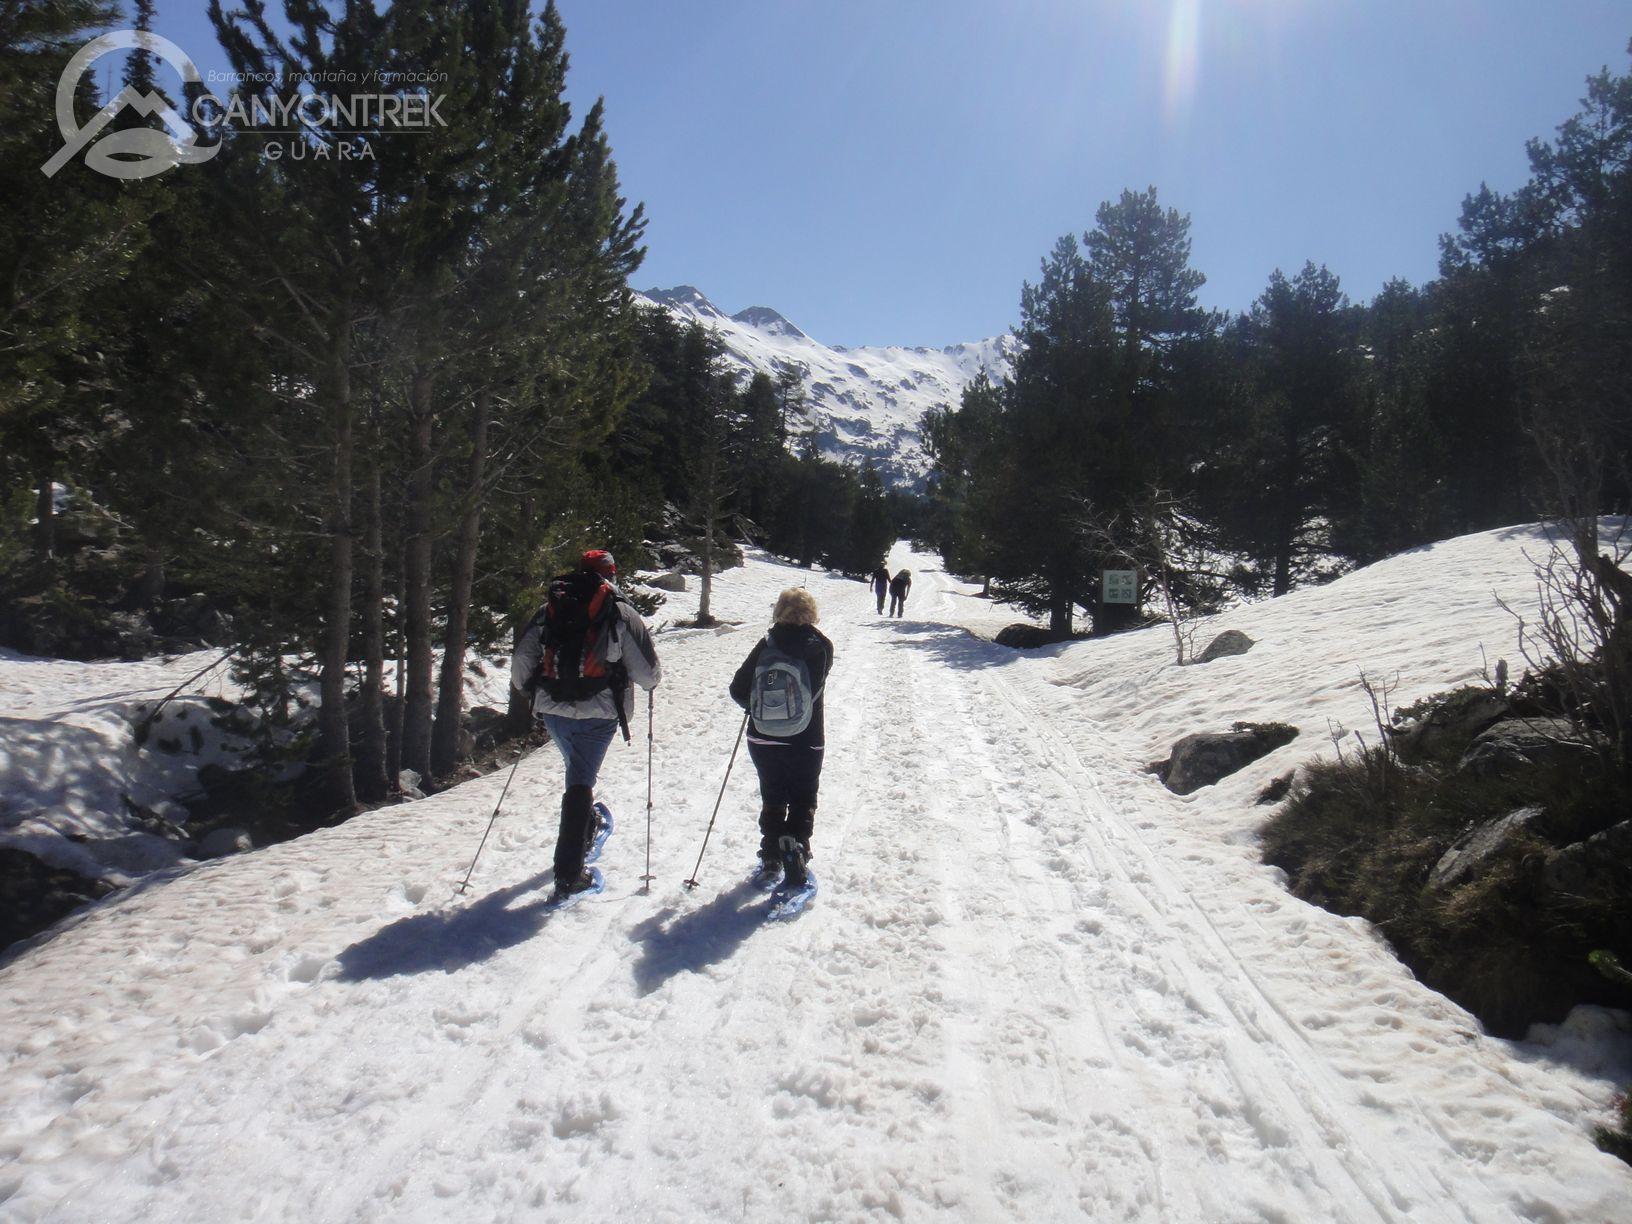 raquetas-de-nieve-pirineos-canyontrekguara-guias-de-montaña-benasque-ordesa5_1